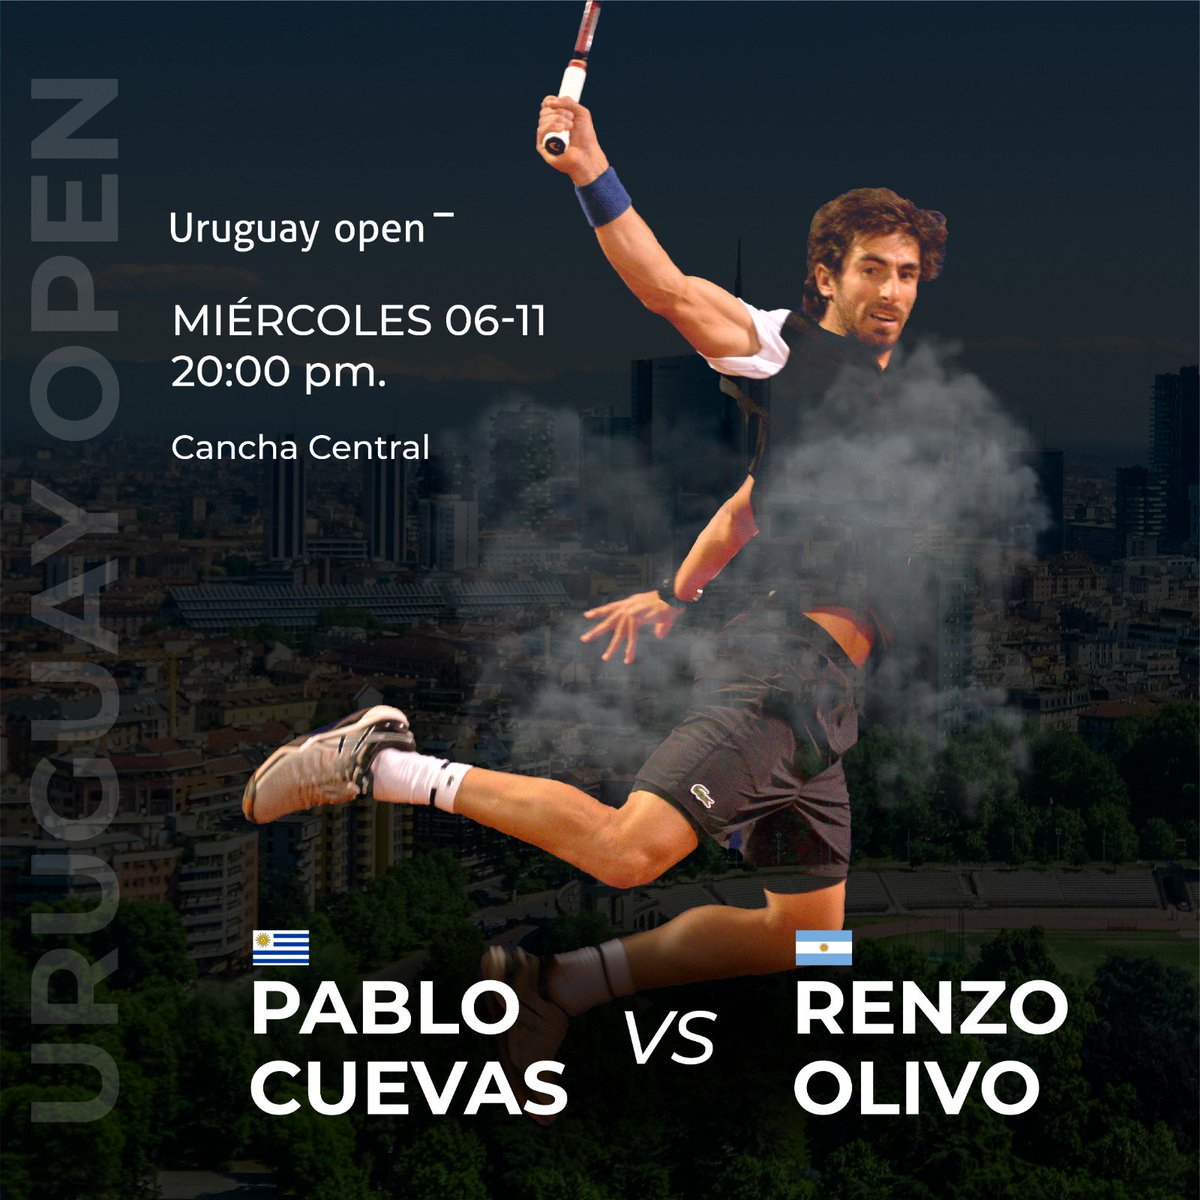 Pablo Cuevas @PabloCuevas22